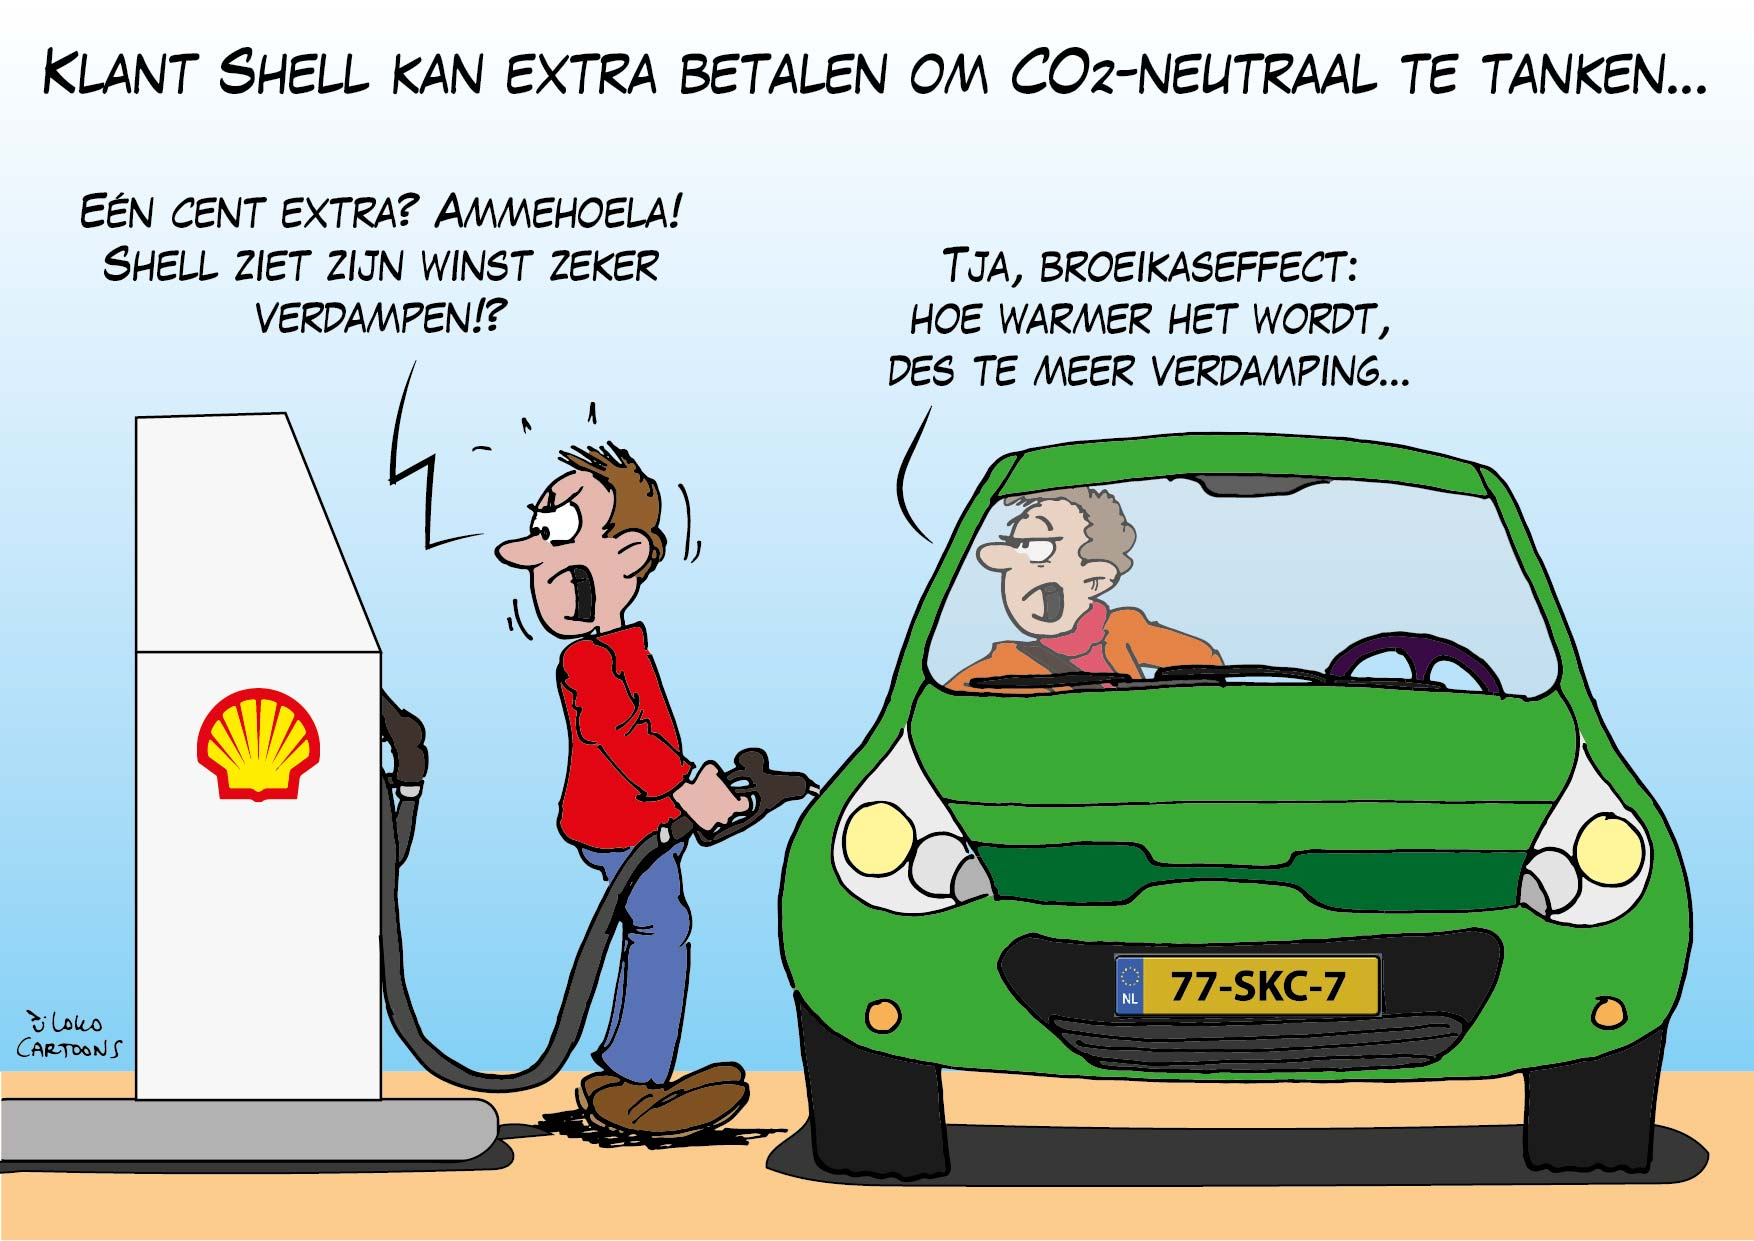 Klant Shell kan extra betalen om CO2-neutraal te tanken…